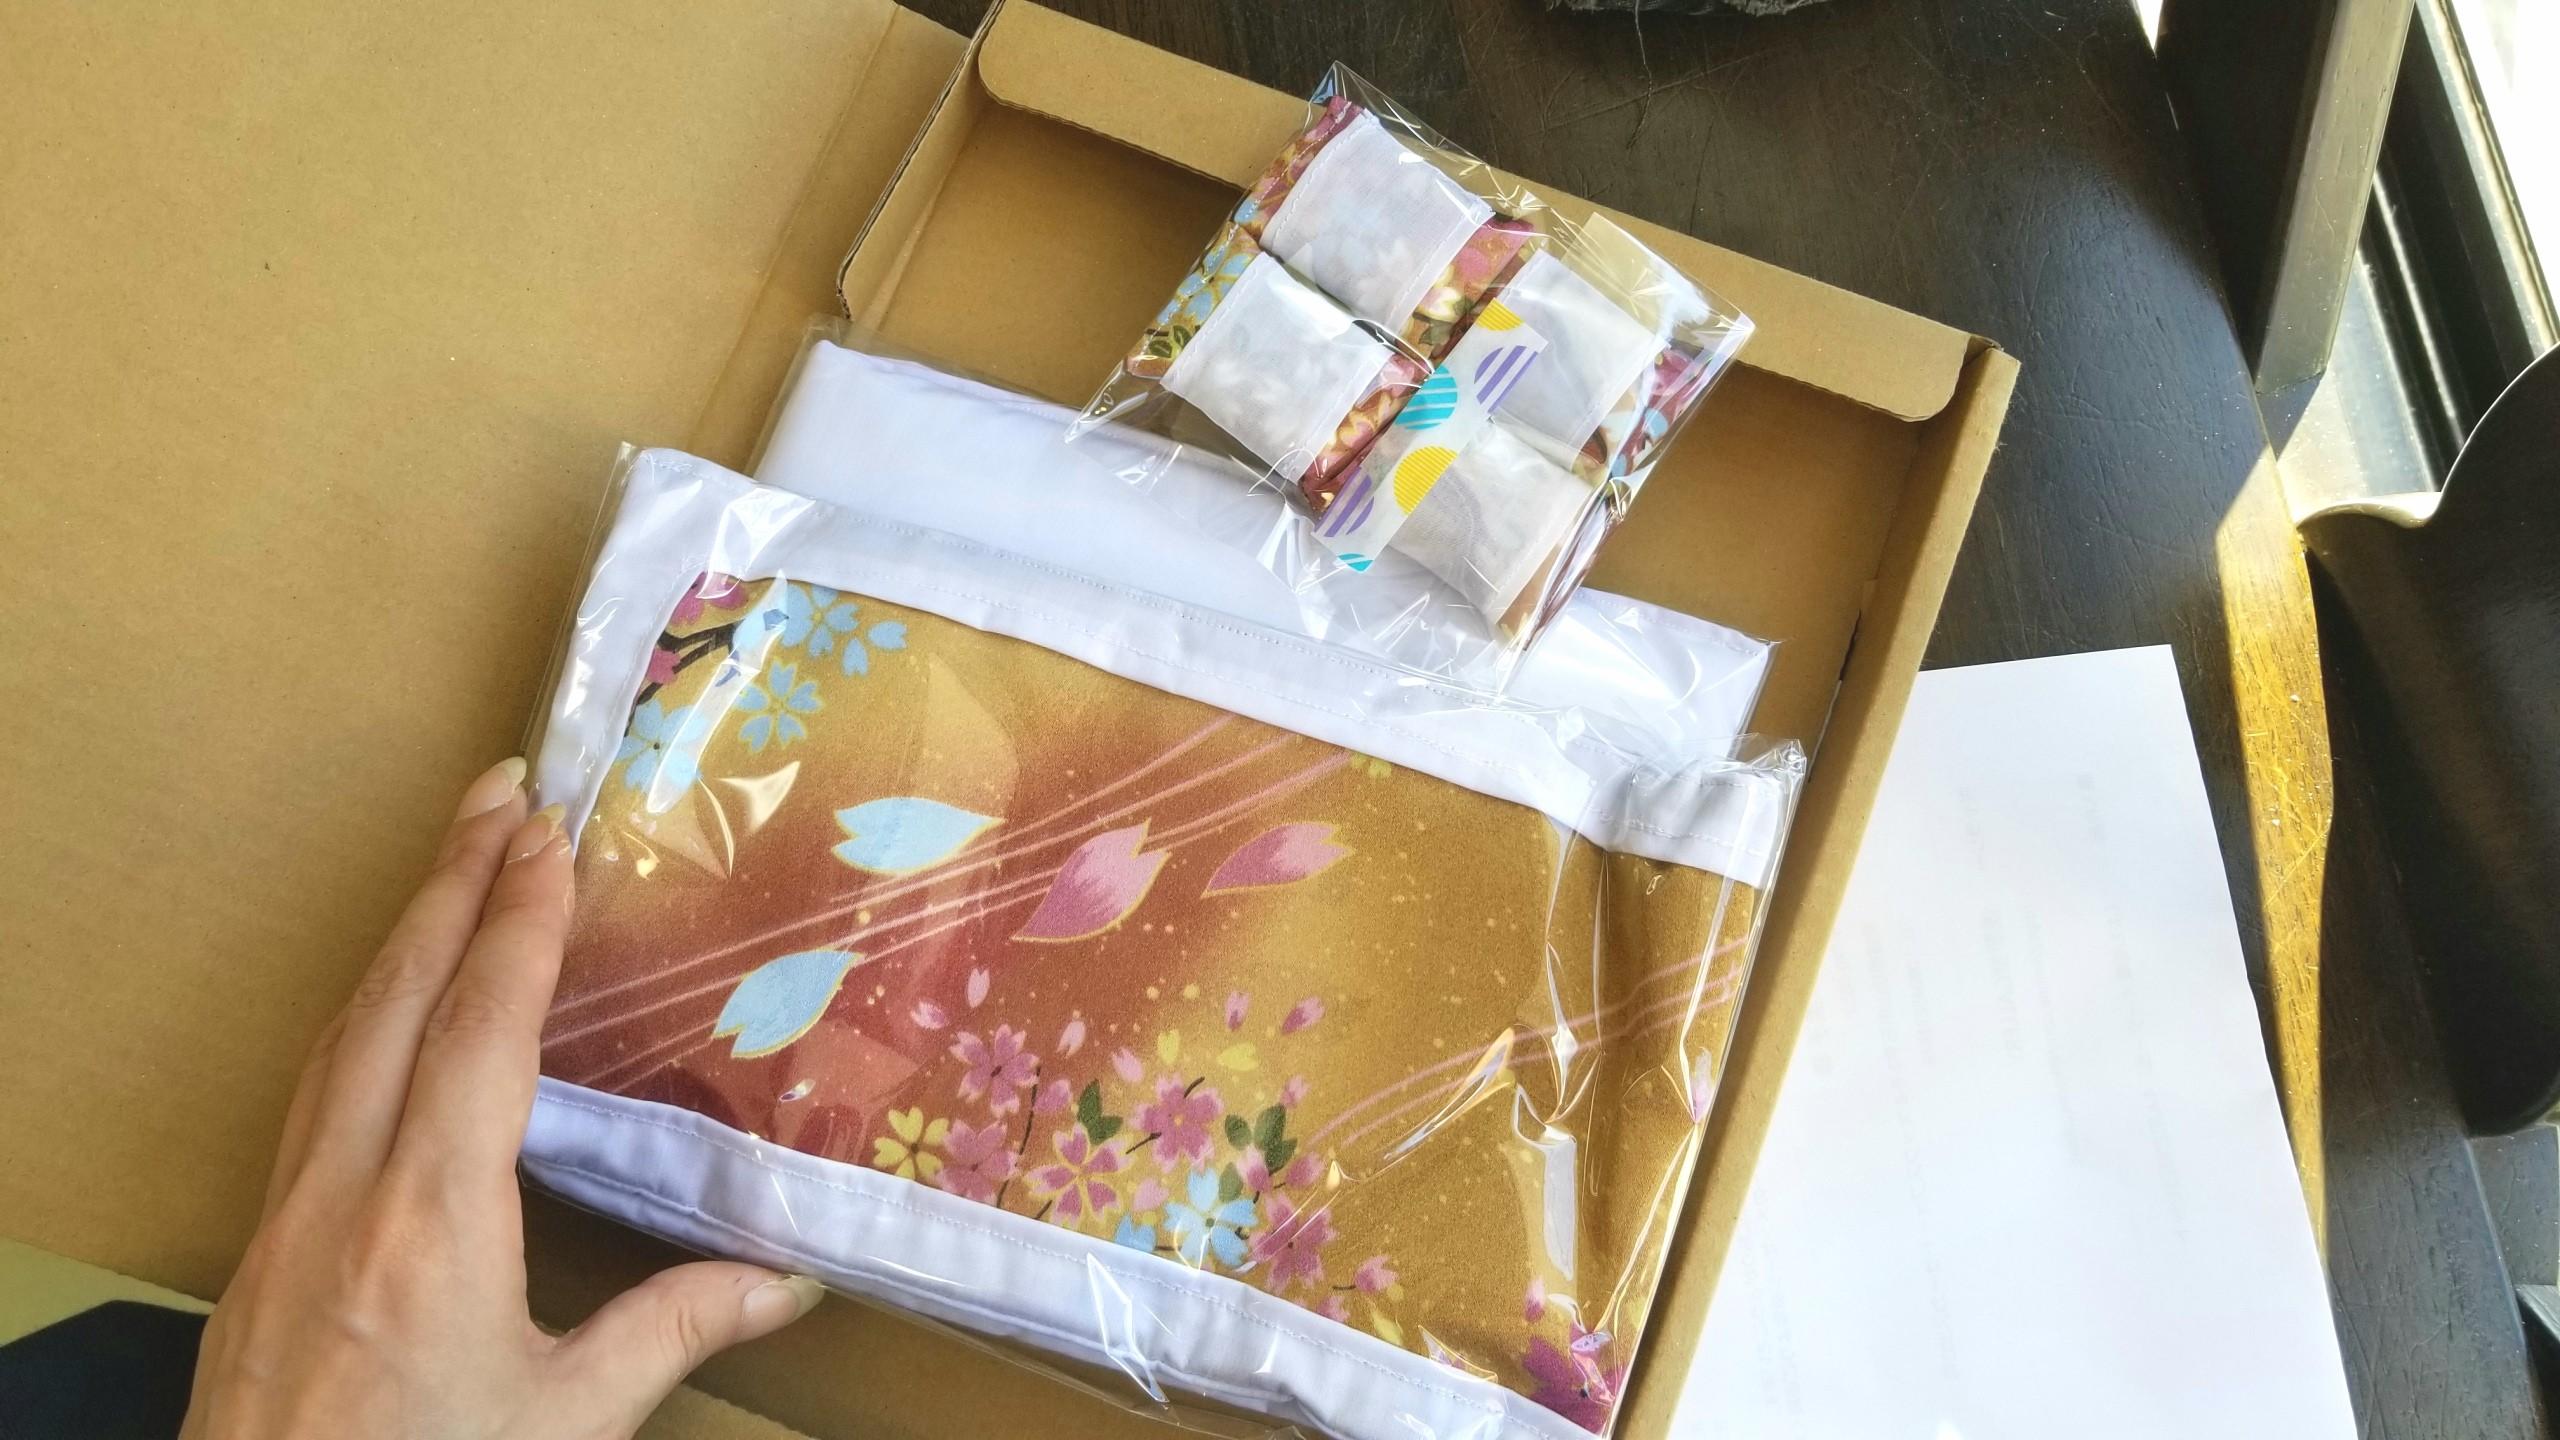 ミンネで購入,田吾さん,お布団、枕セット,可愛い,オビツろいど11